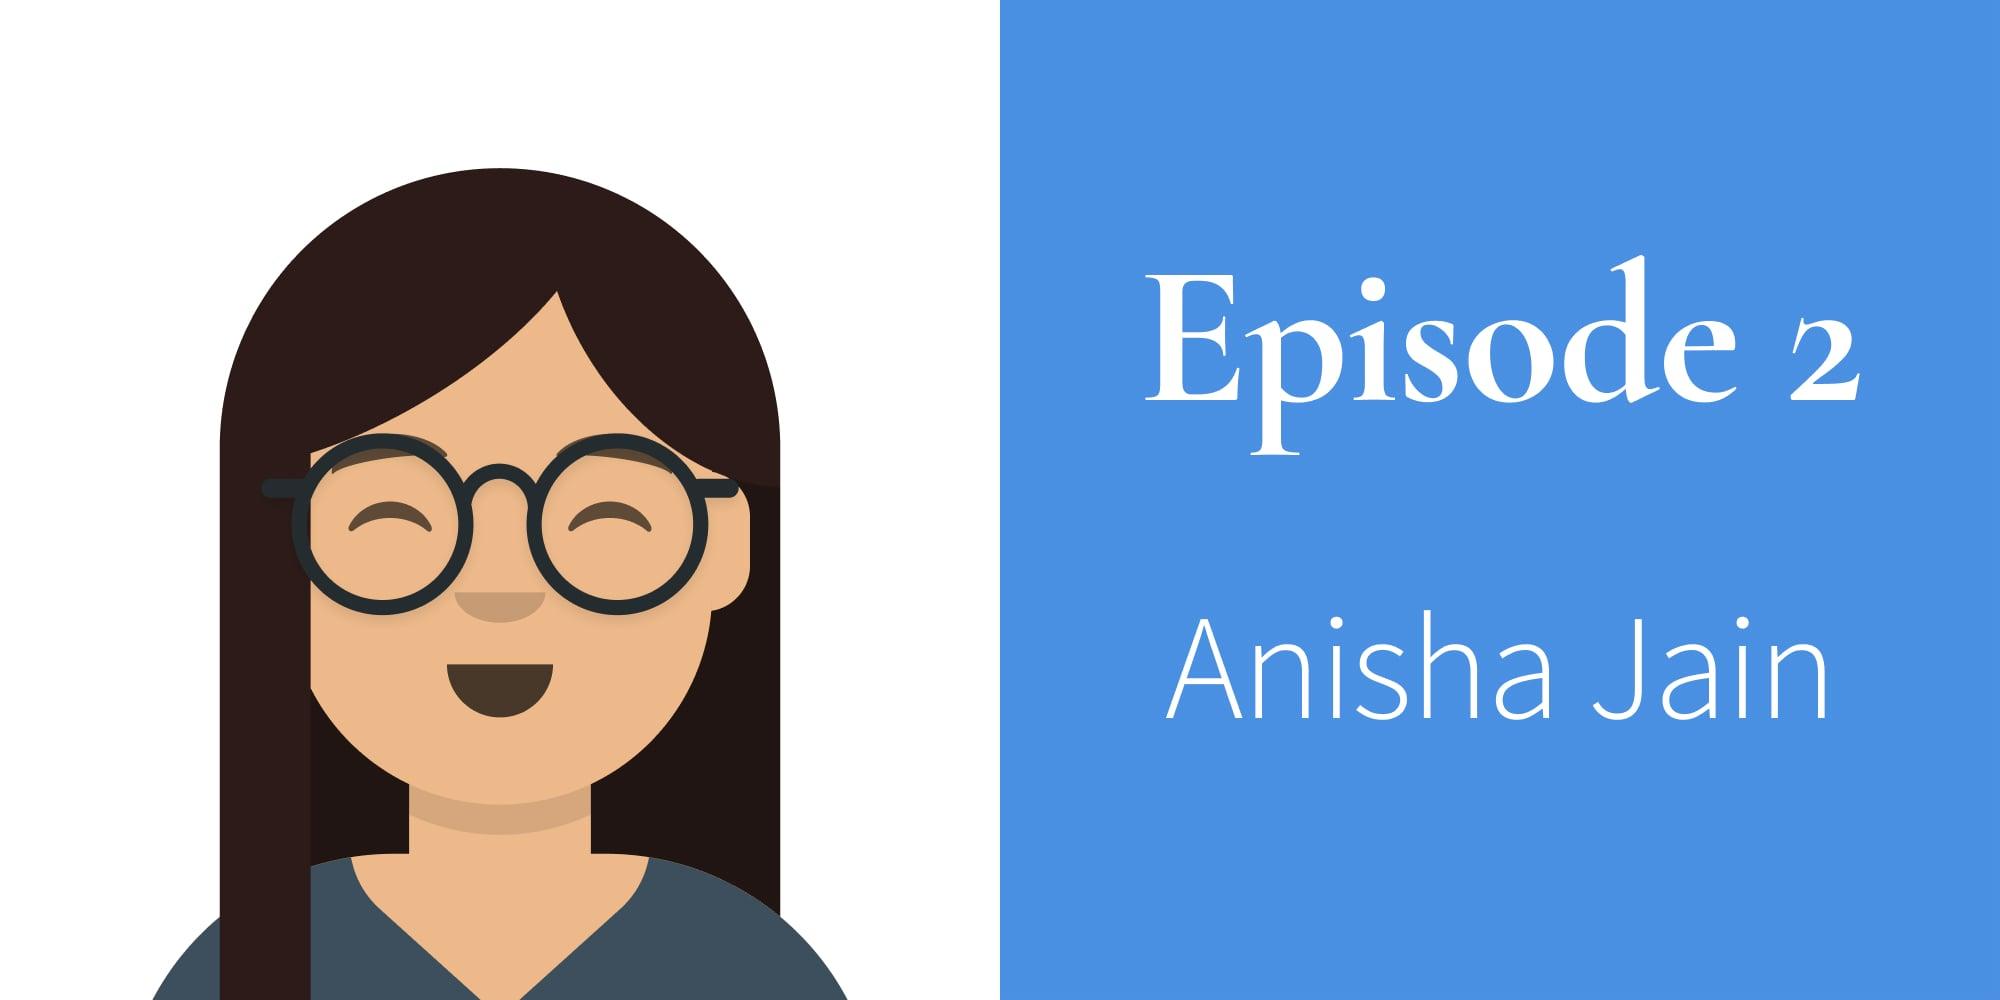 Episode 2. Anisha Jain